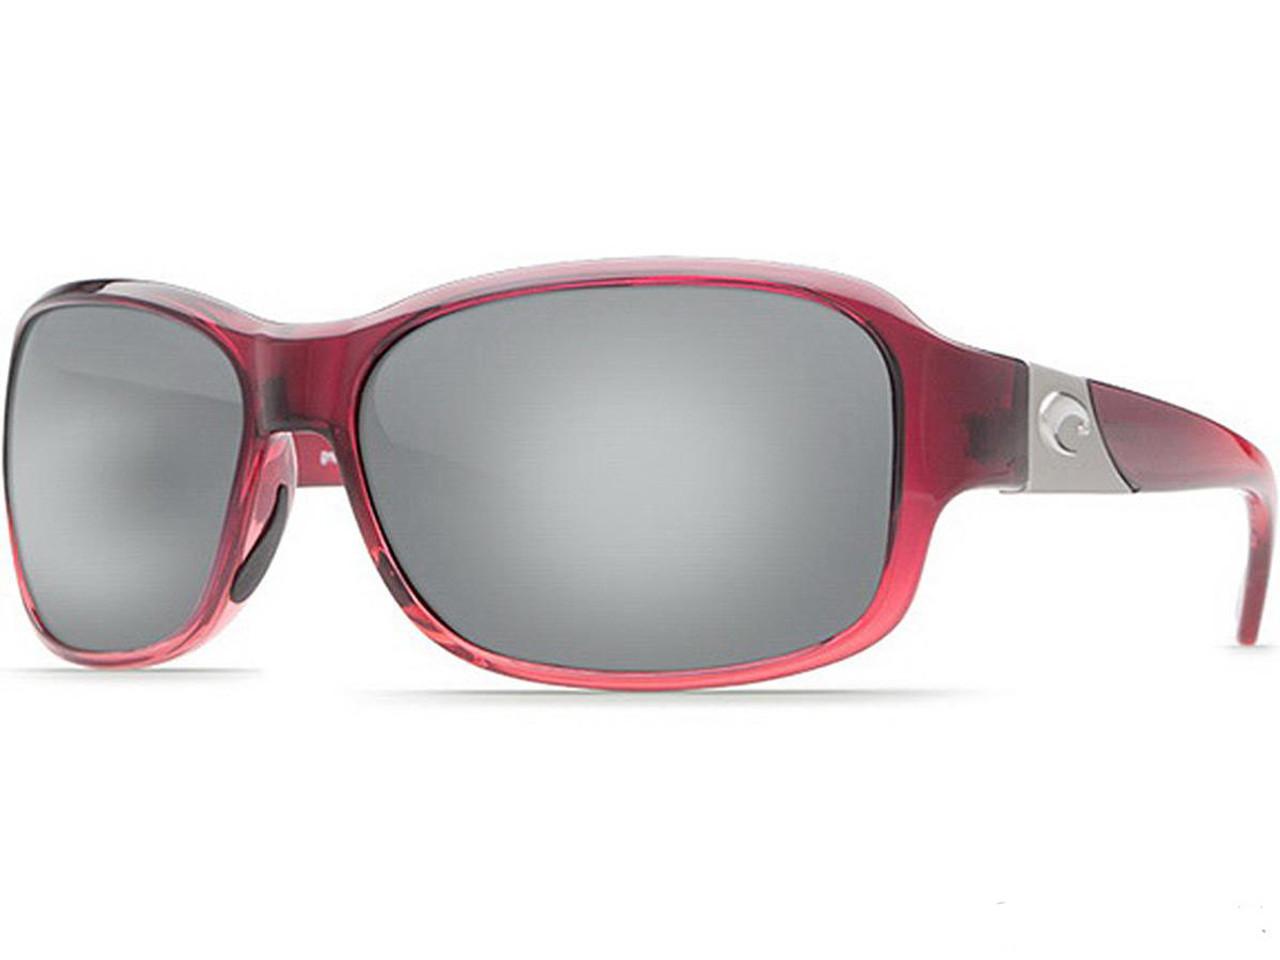 60904e3958 Costa Del Mar - Inlet Polarized Sunglasses (Color  Pomegranate   580p  Copper Silver Mirror) - Hero Outdoors